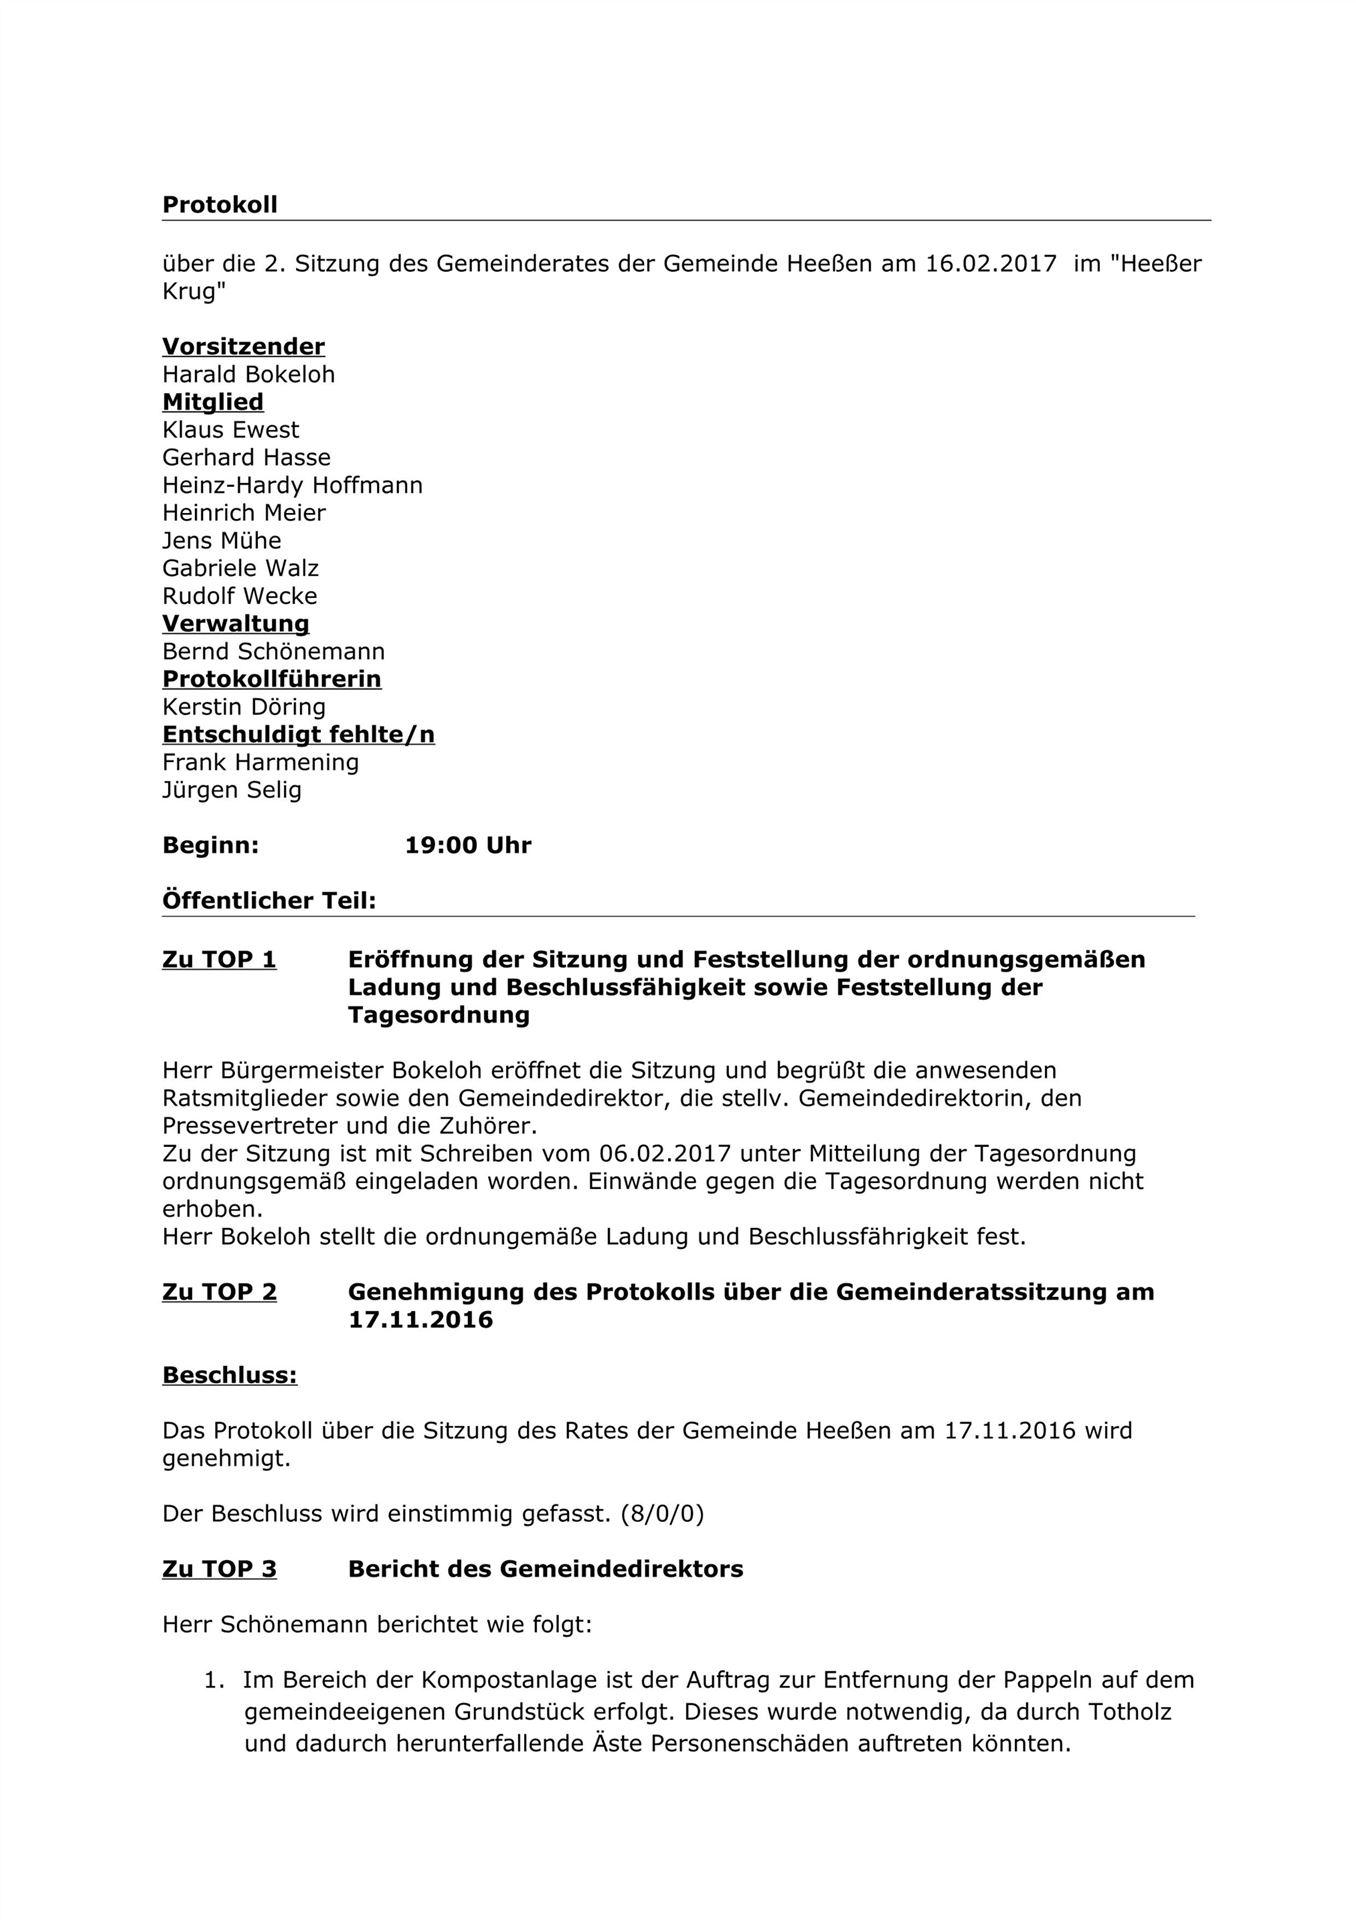 Ausgezeichnet Tagesordnung Der Sitzung Des Formats Zeitgenössisch ...